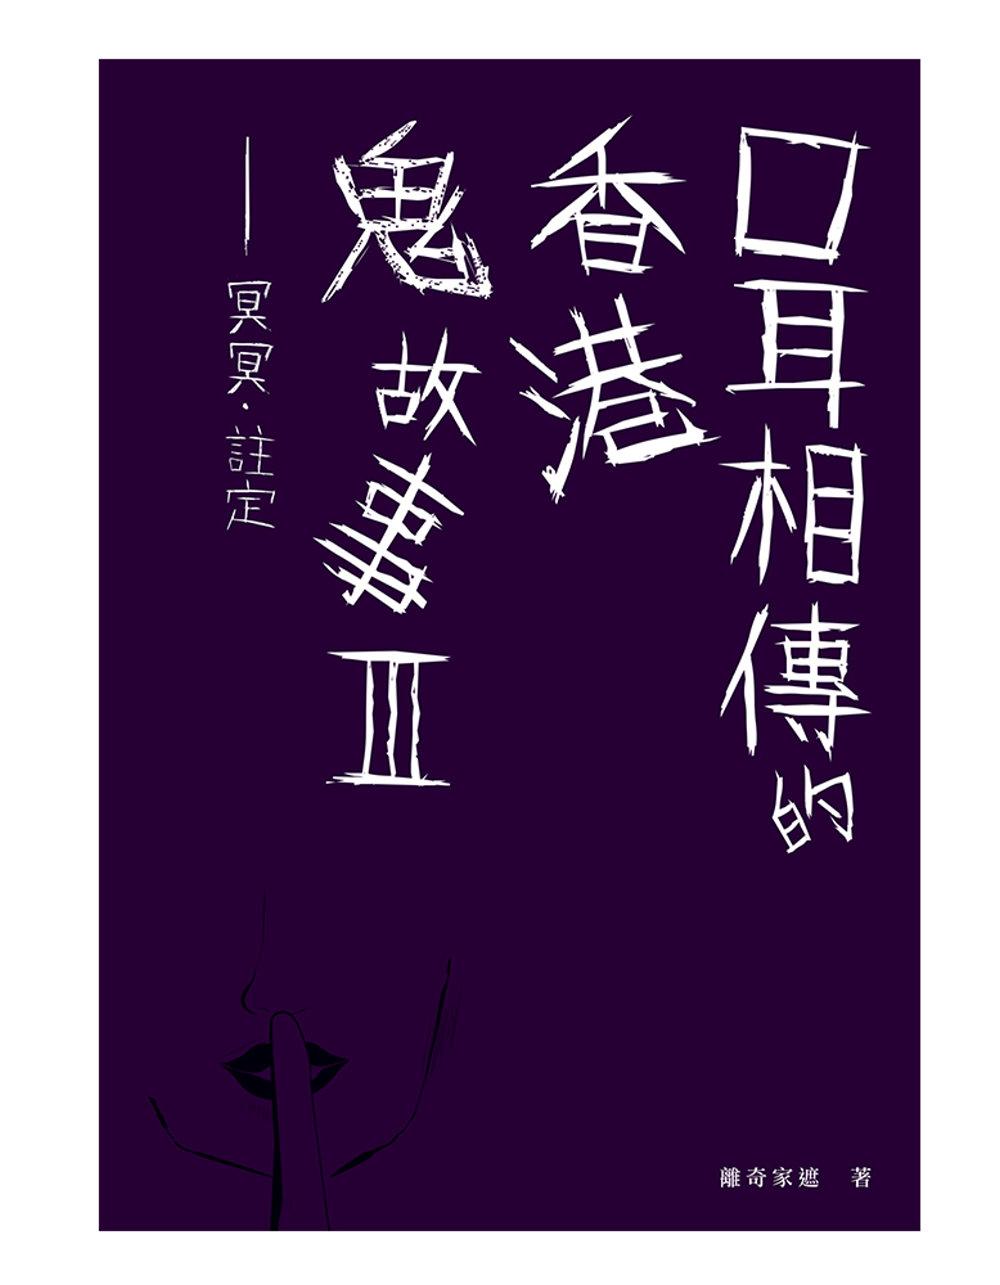 口耳相傳的香港鬼故事III ── 冥冥‧註定